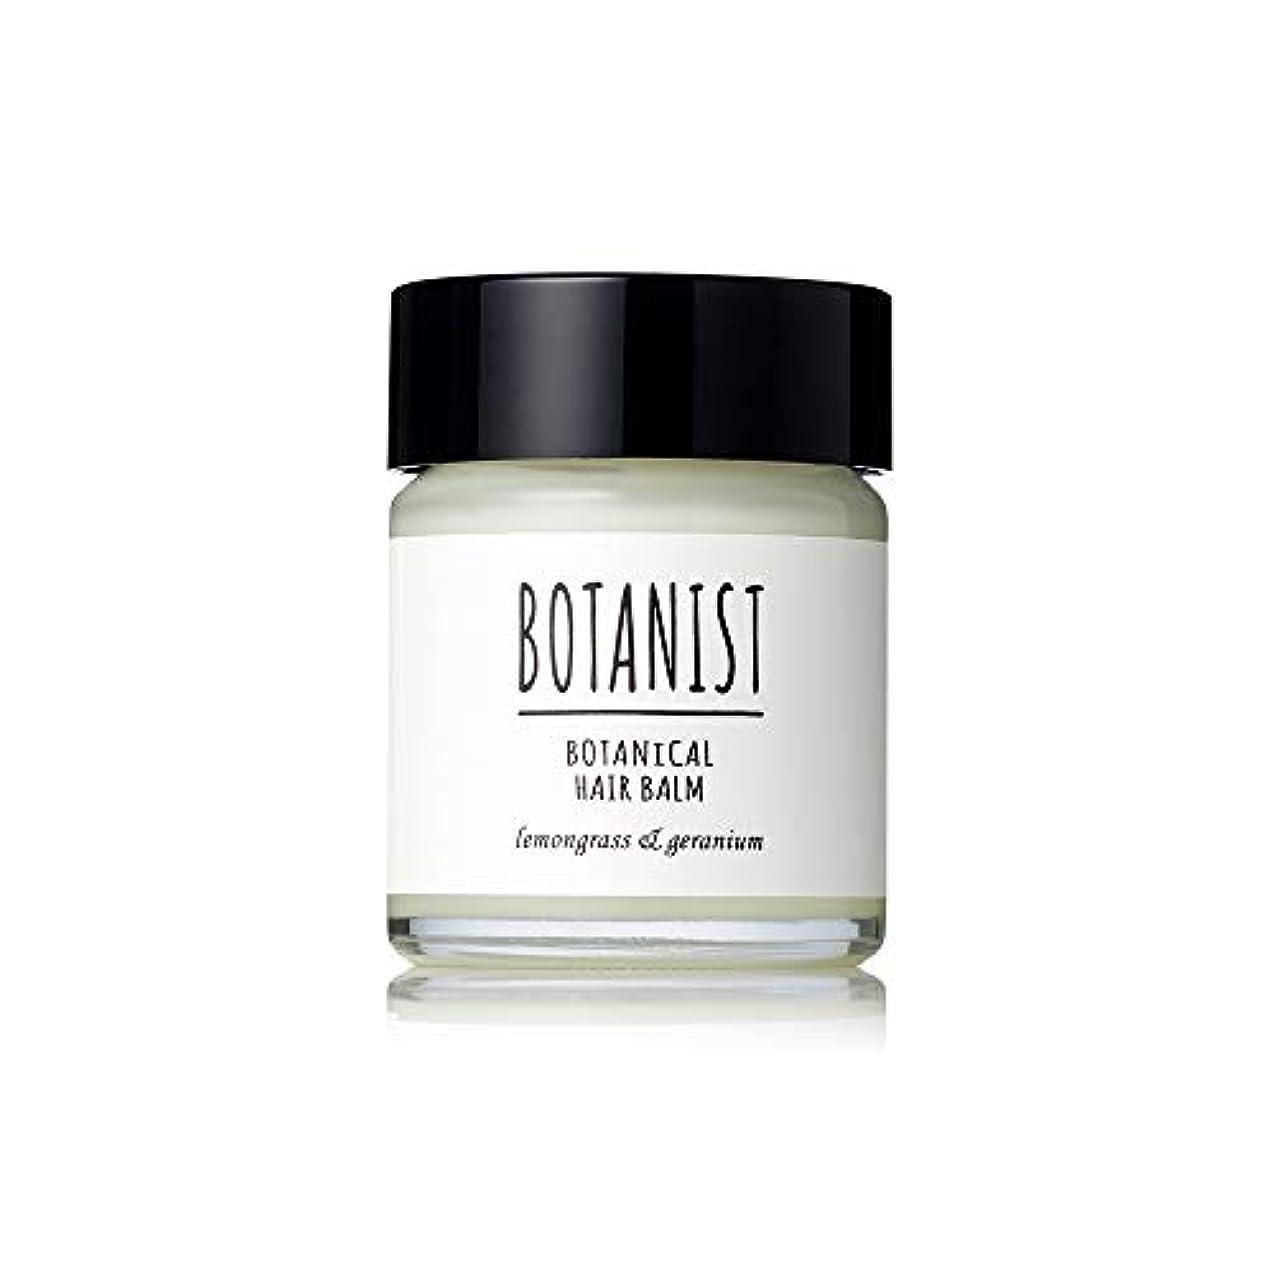 酒グローバルドラフトBOTANIST ボタニスト ボタニカルヘアバーム 32g レモングラス&ゼラニウムの香り